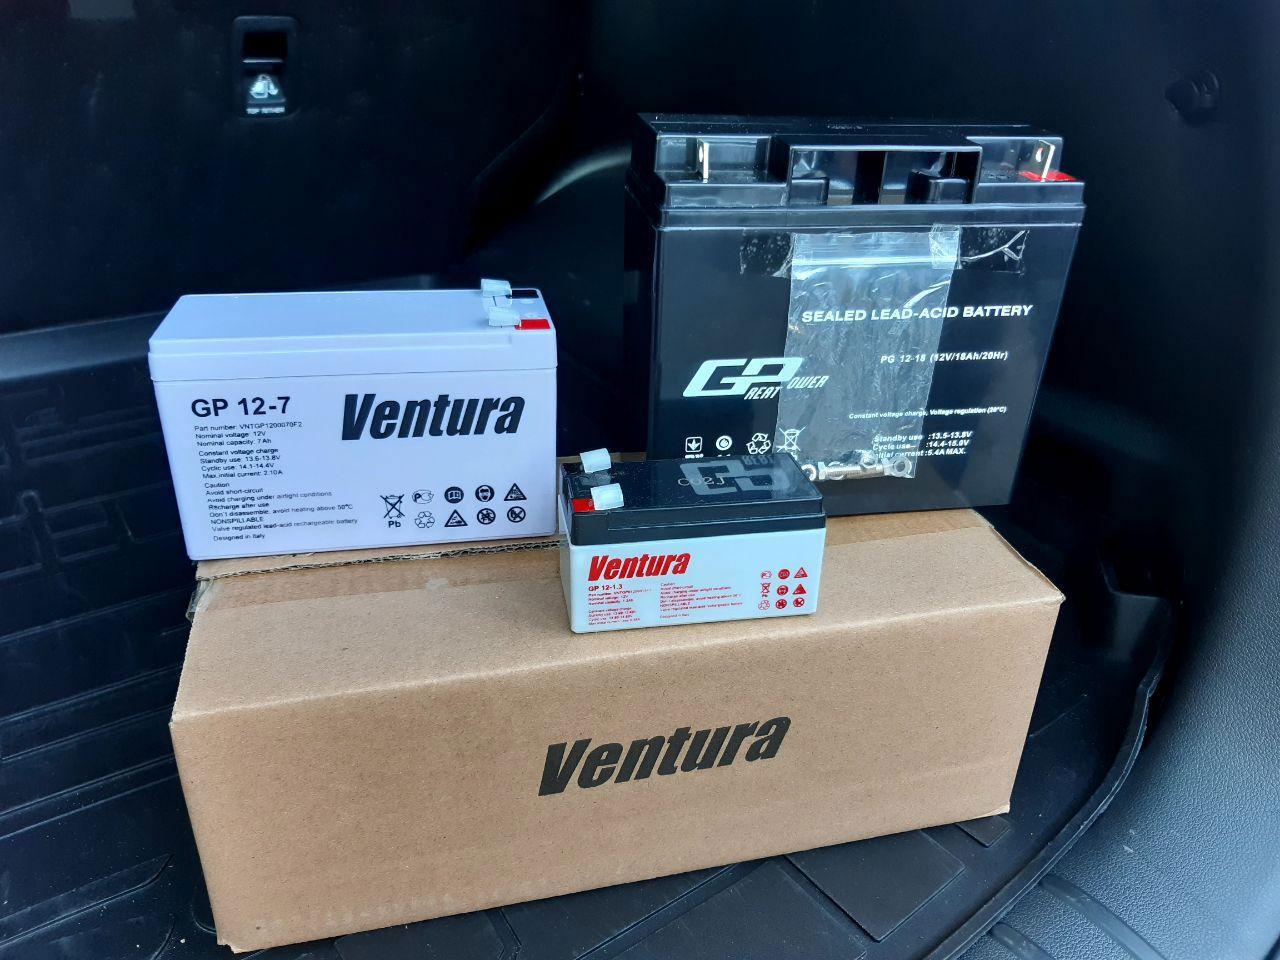 Акумуляторні батареї для охоронної сигналізації, відеоспостереження та контролю доступу